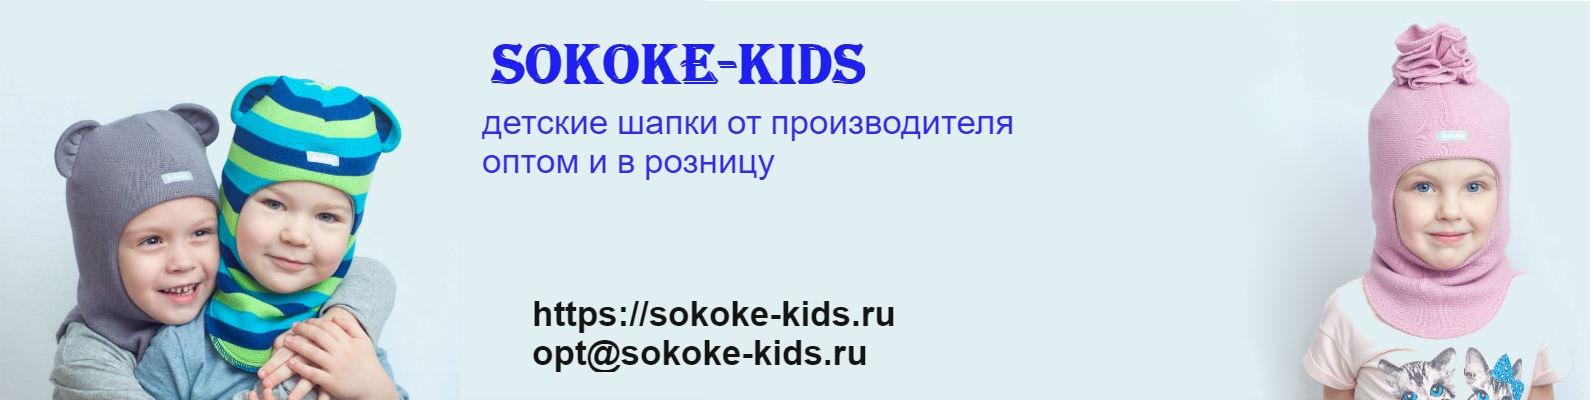 52cf4e77d309 SOKOKE KIDS (Сококе кидс). Детские шапки   ВКонтакте